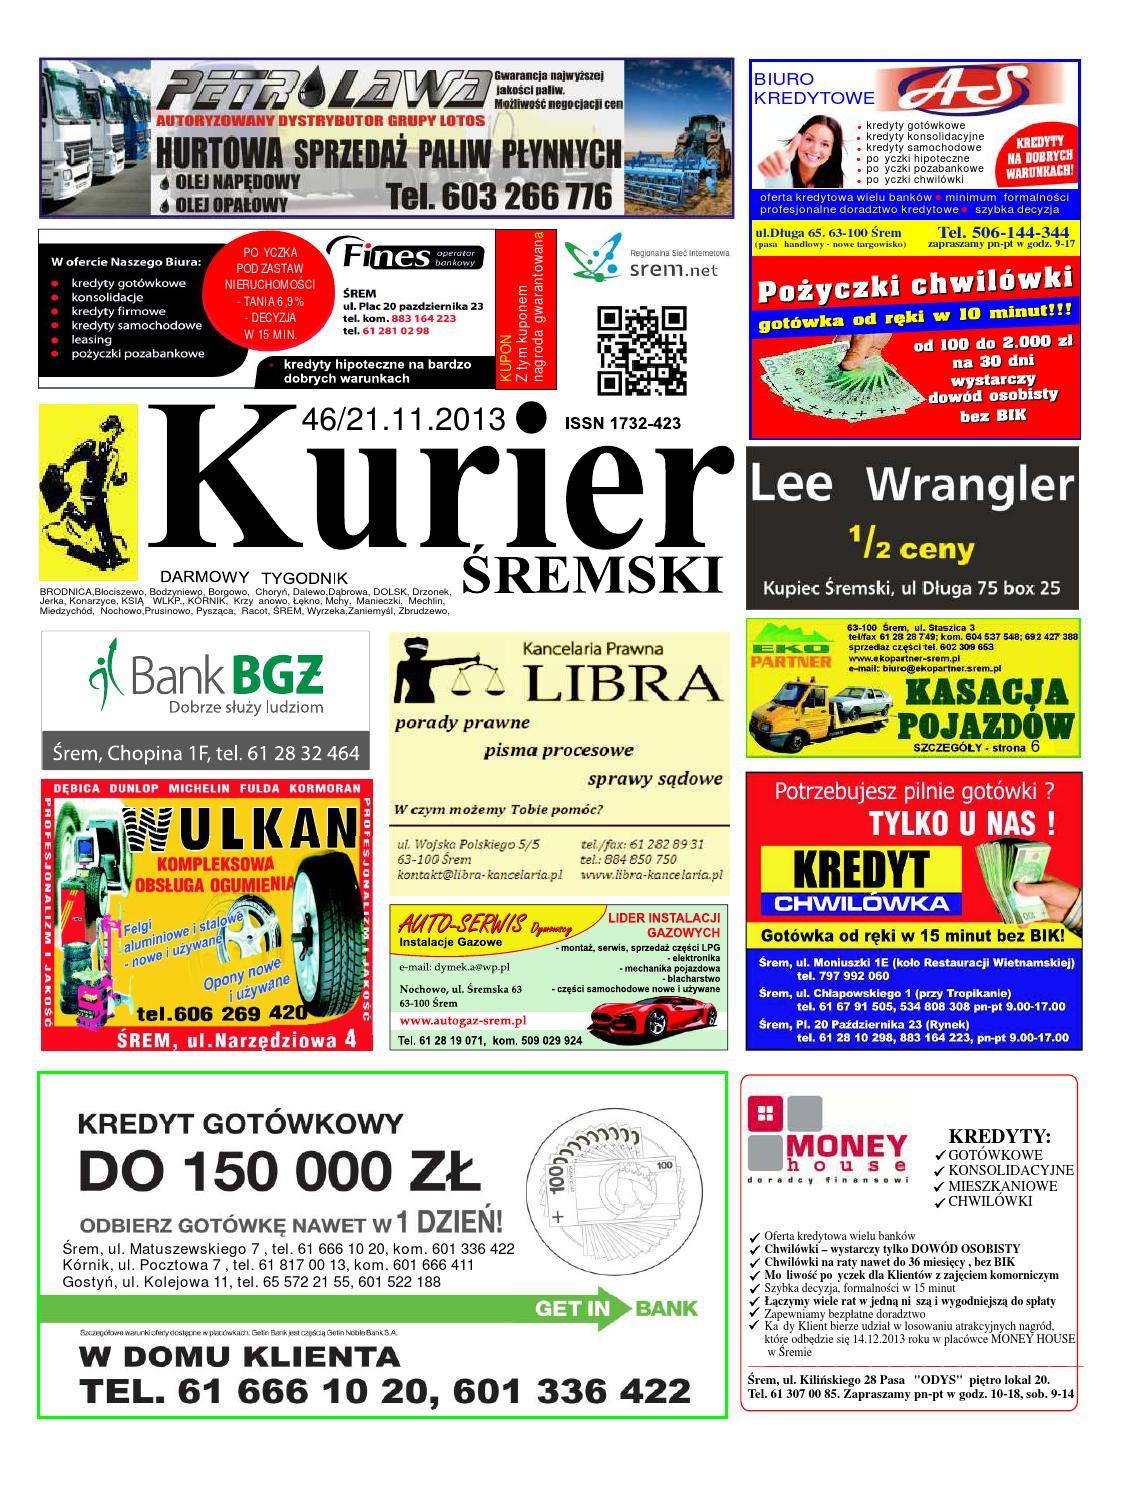 0d6485dc Kurier Śremski nr46 21.11.2013 by Wydawnictwo Piorita - issuu